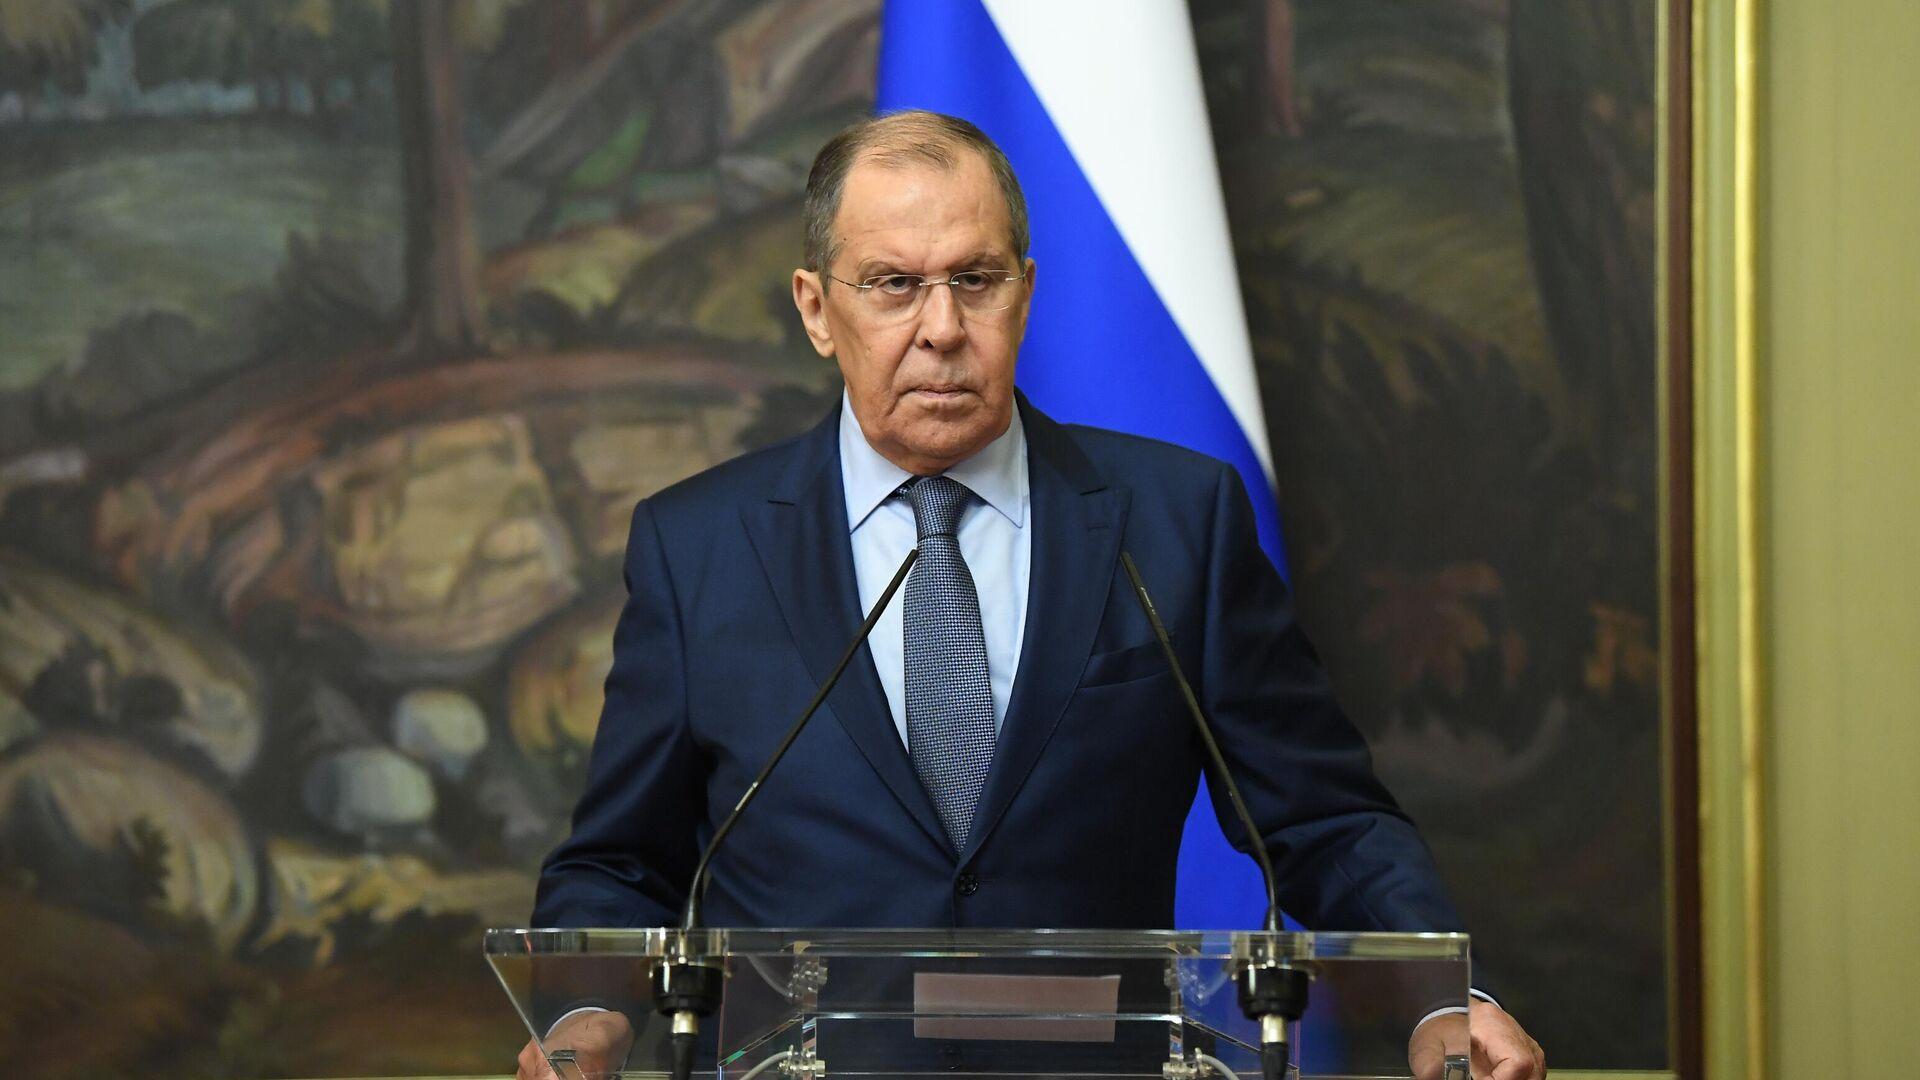 Выборы в Госдуму будут конкурентными, заявила Матвиенко